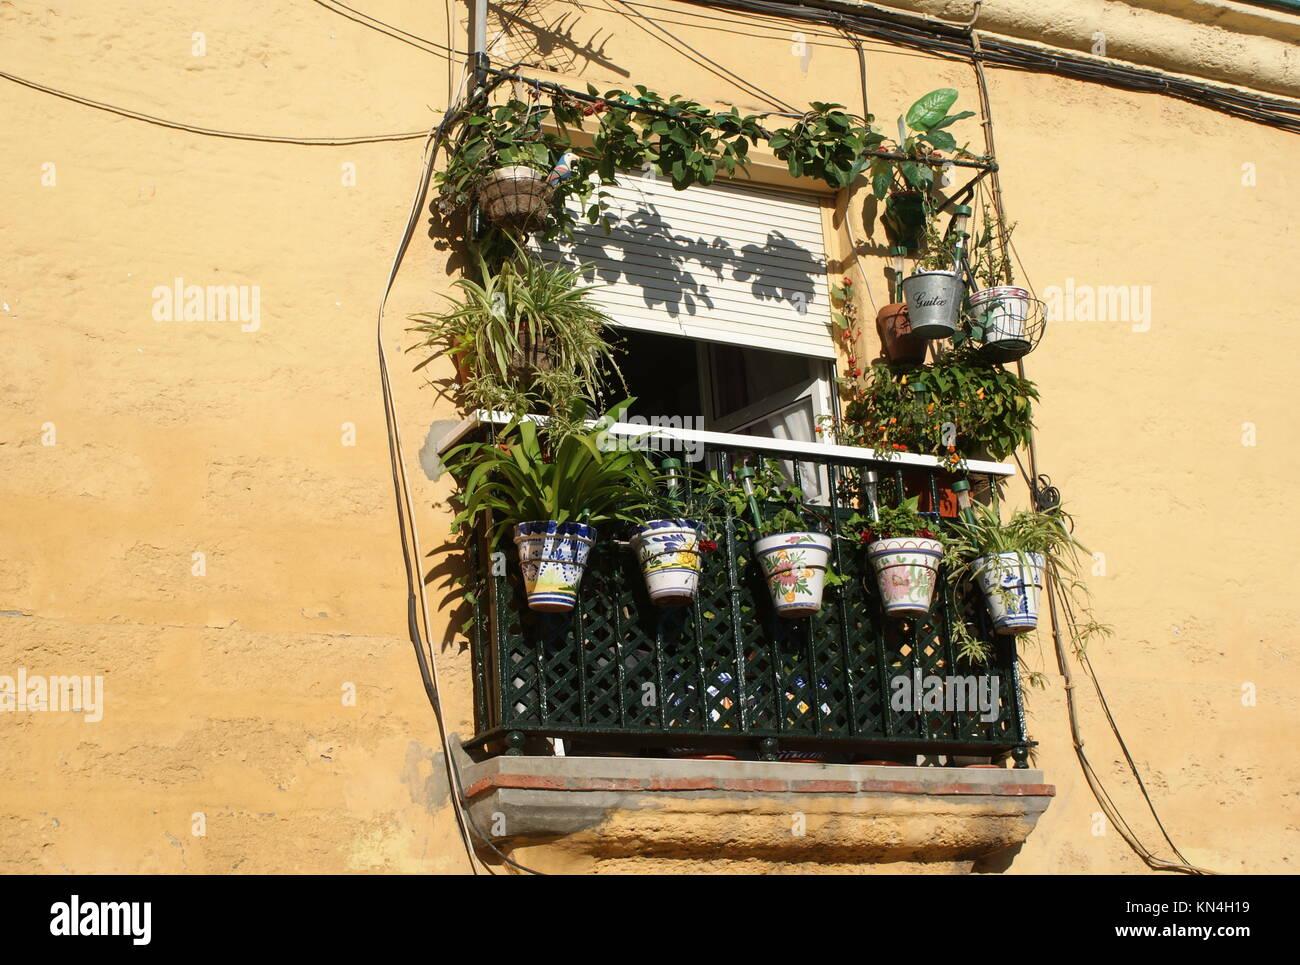 Dekorative Blumentopfe Aus Einem Fenster Balkon Cadiz Spanien